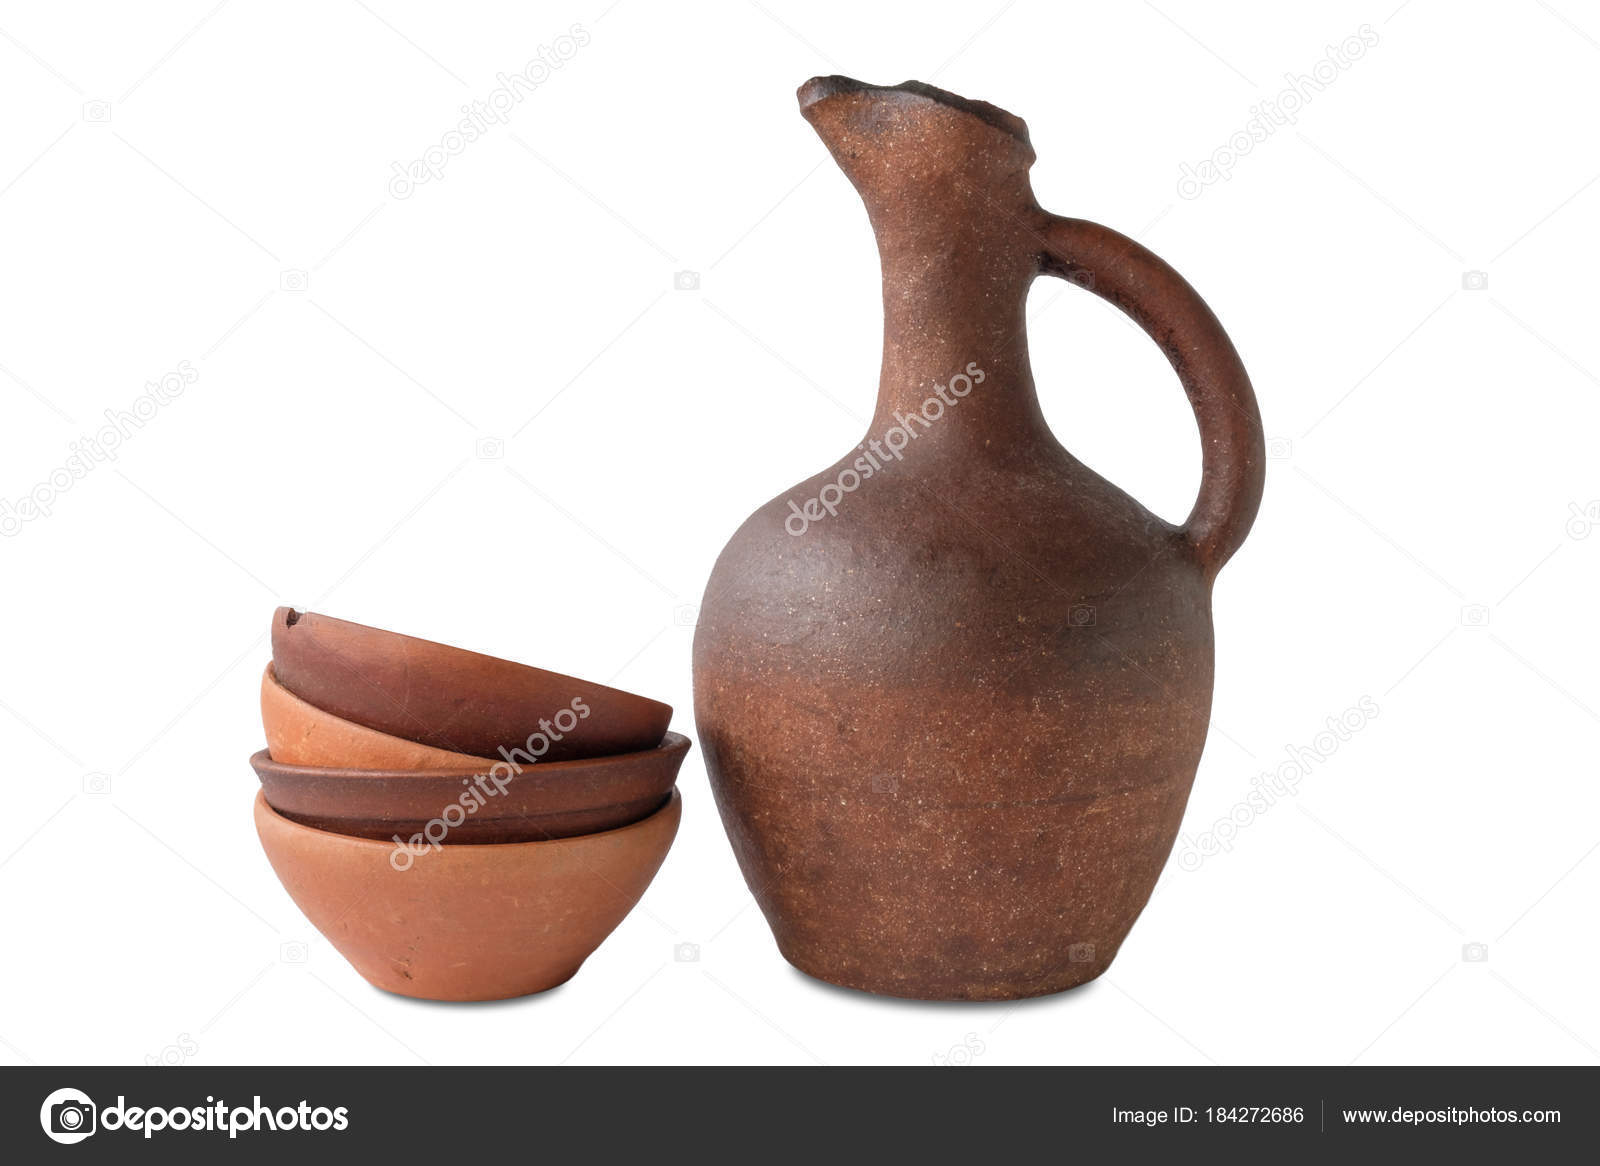 pichet vin coffret tasses terre cuite argile sur fond blanc photographie naskami 184272686. Black Bedroom Furniture Sets. Home Design Ideas